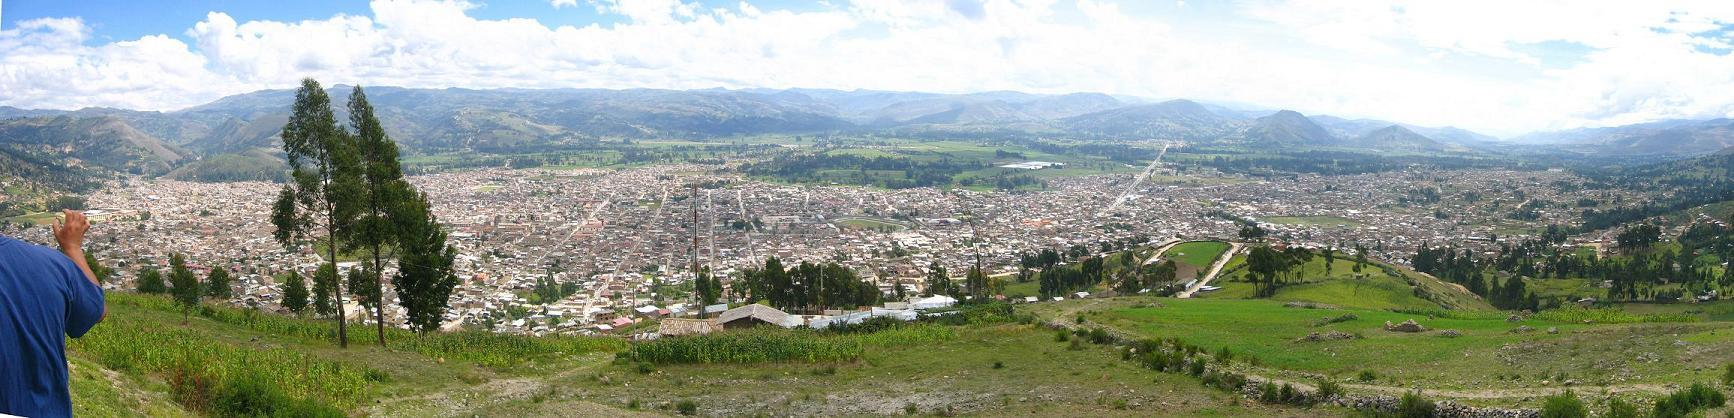 Peru_cajamarca_cumbemayo1